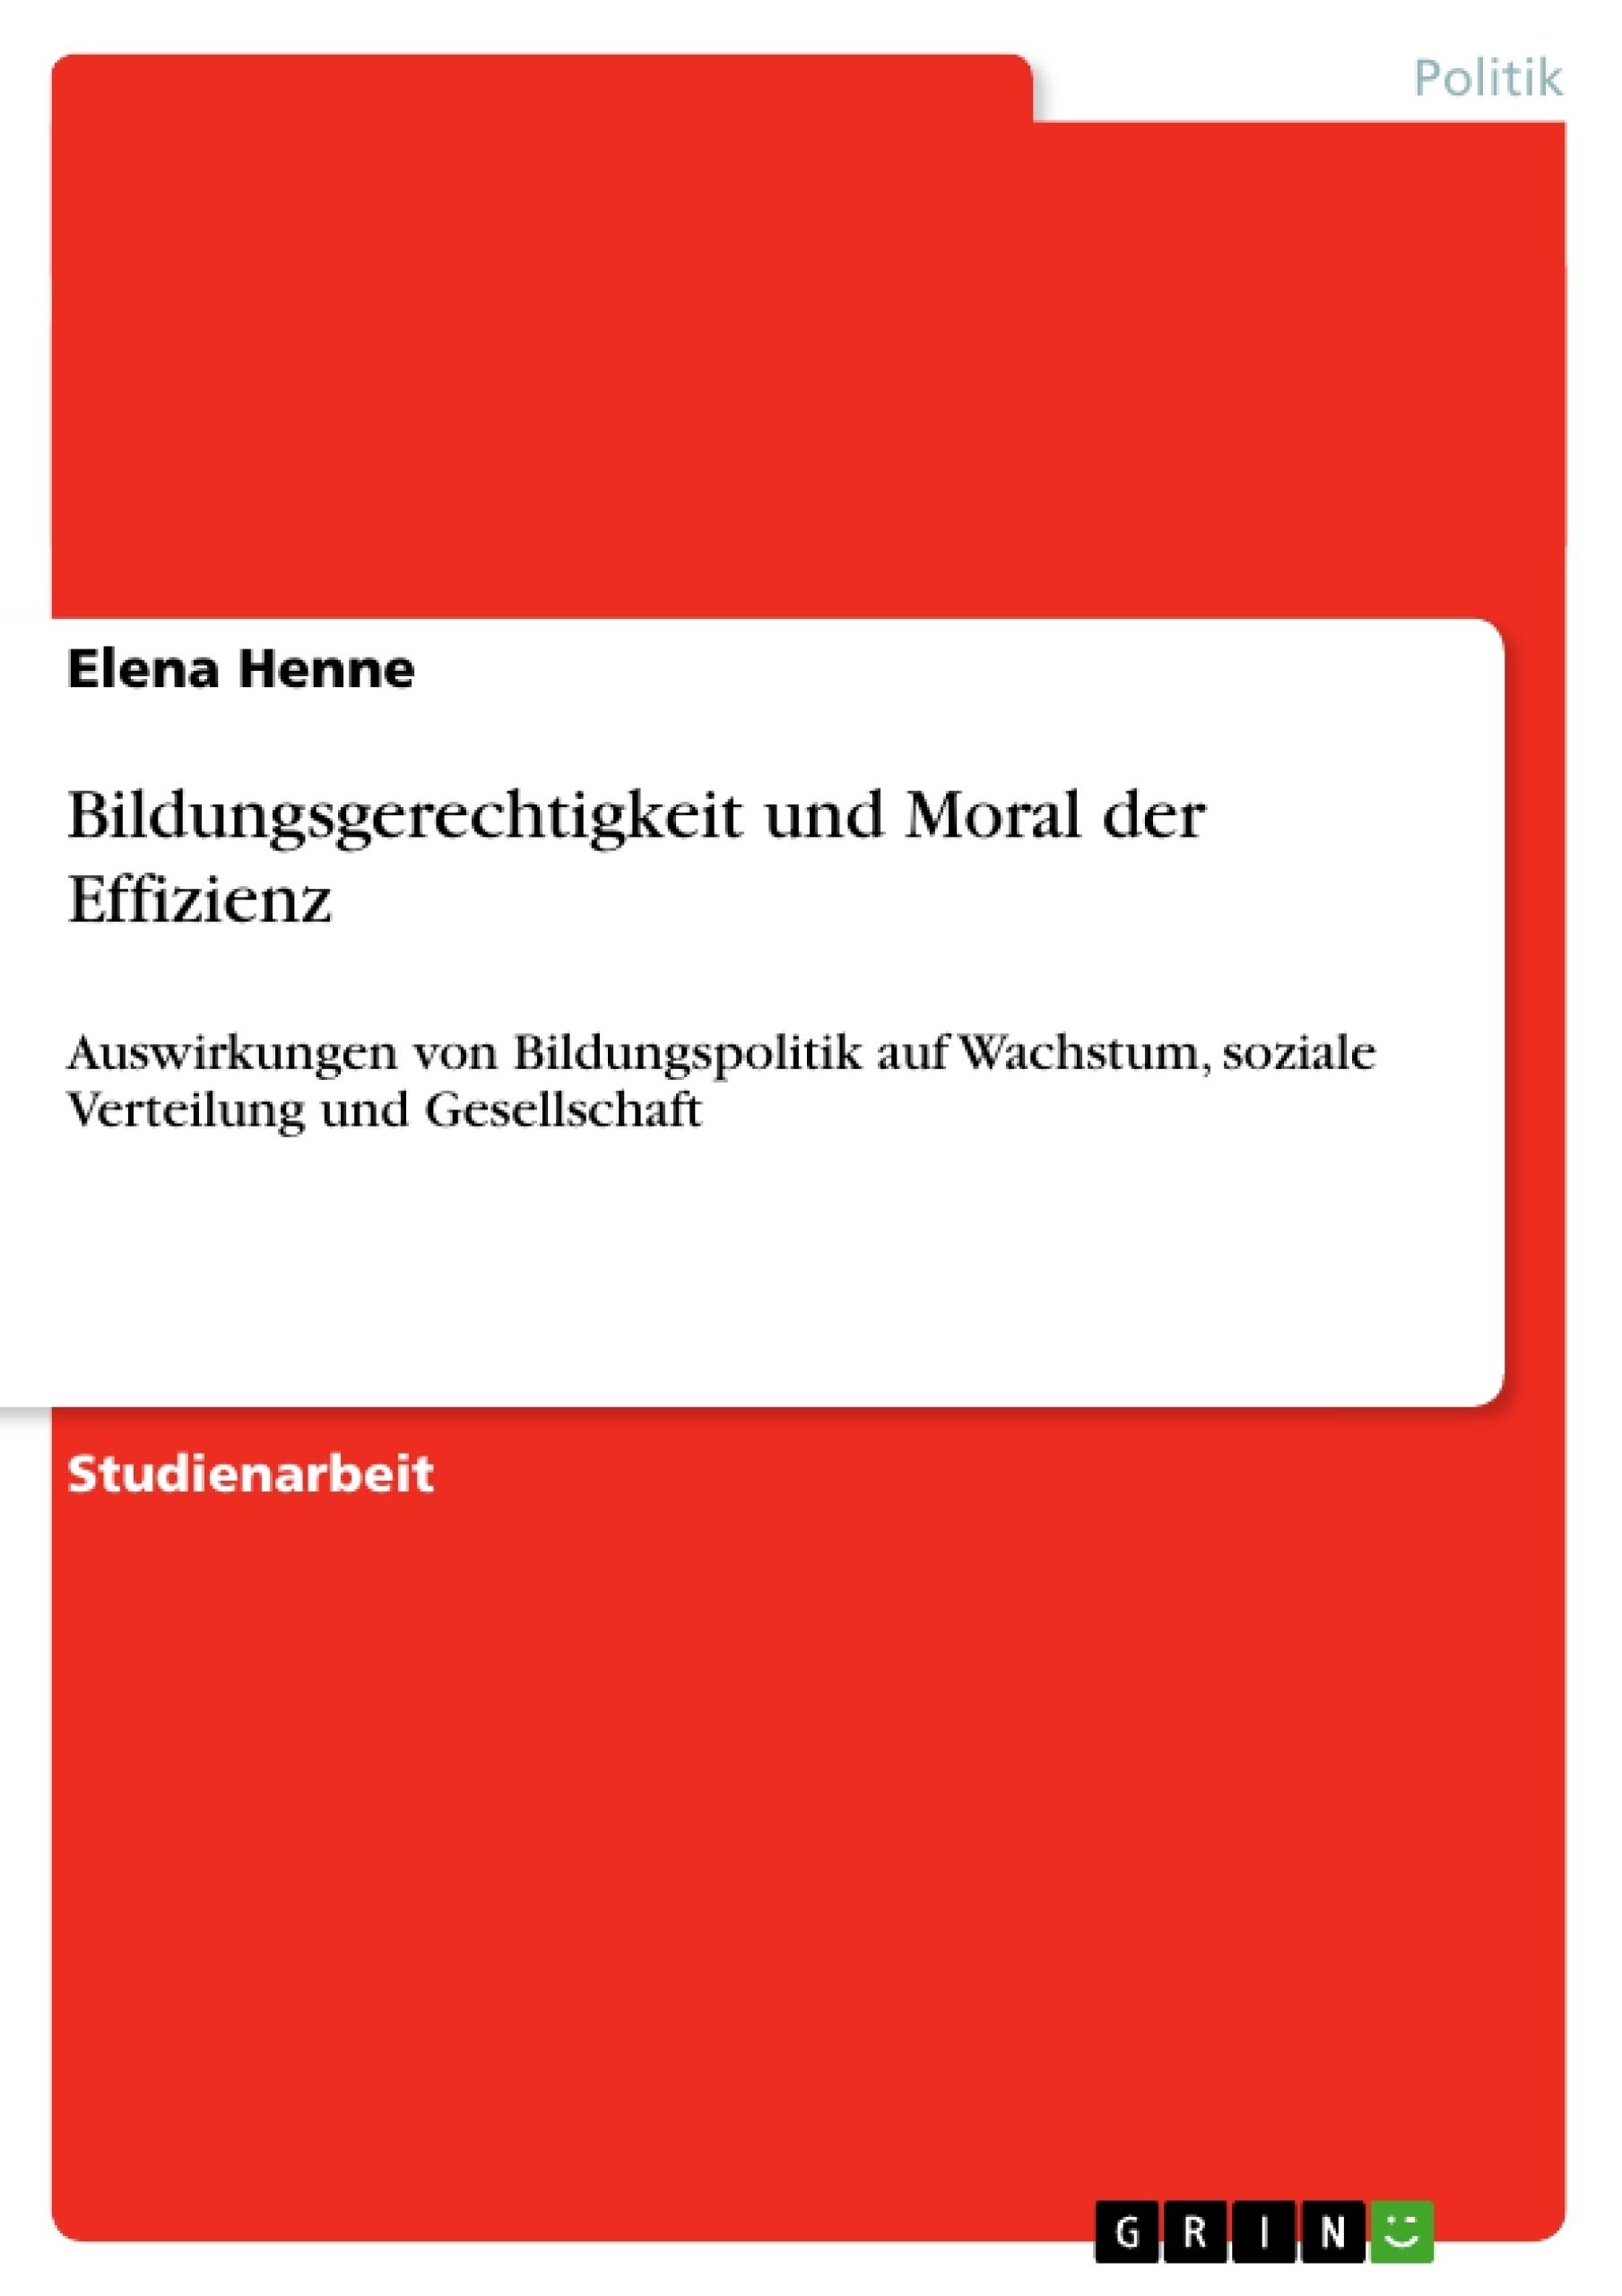 Titel: Bildungsgerechtigkeit und Moral der Effizienz